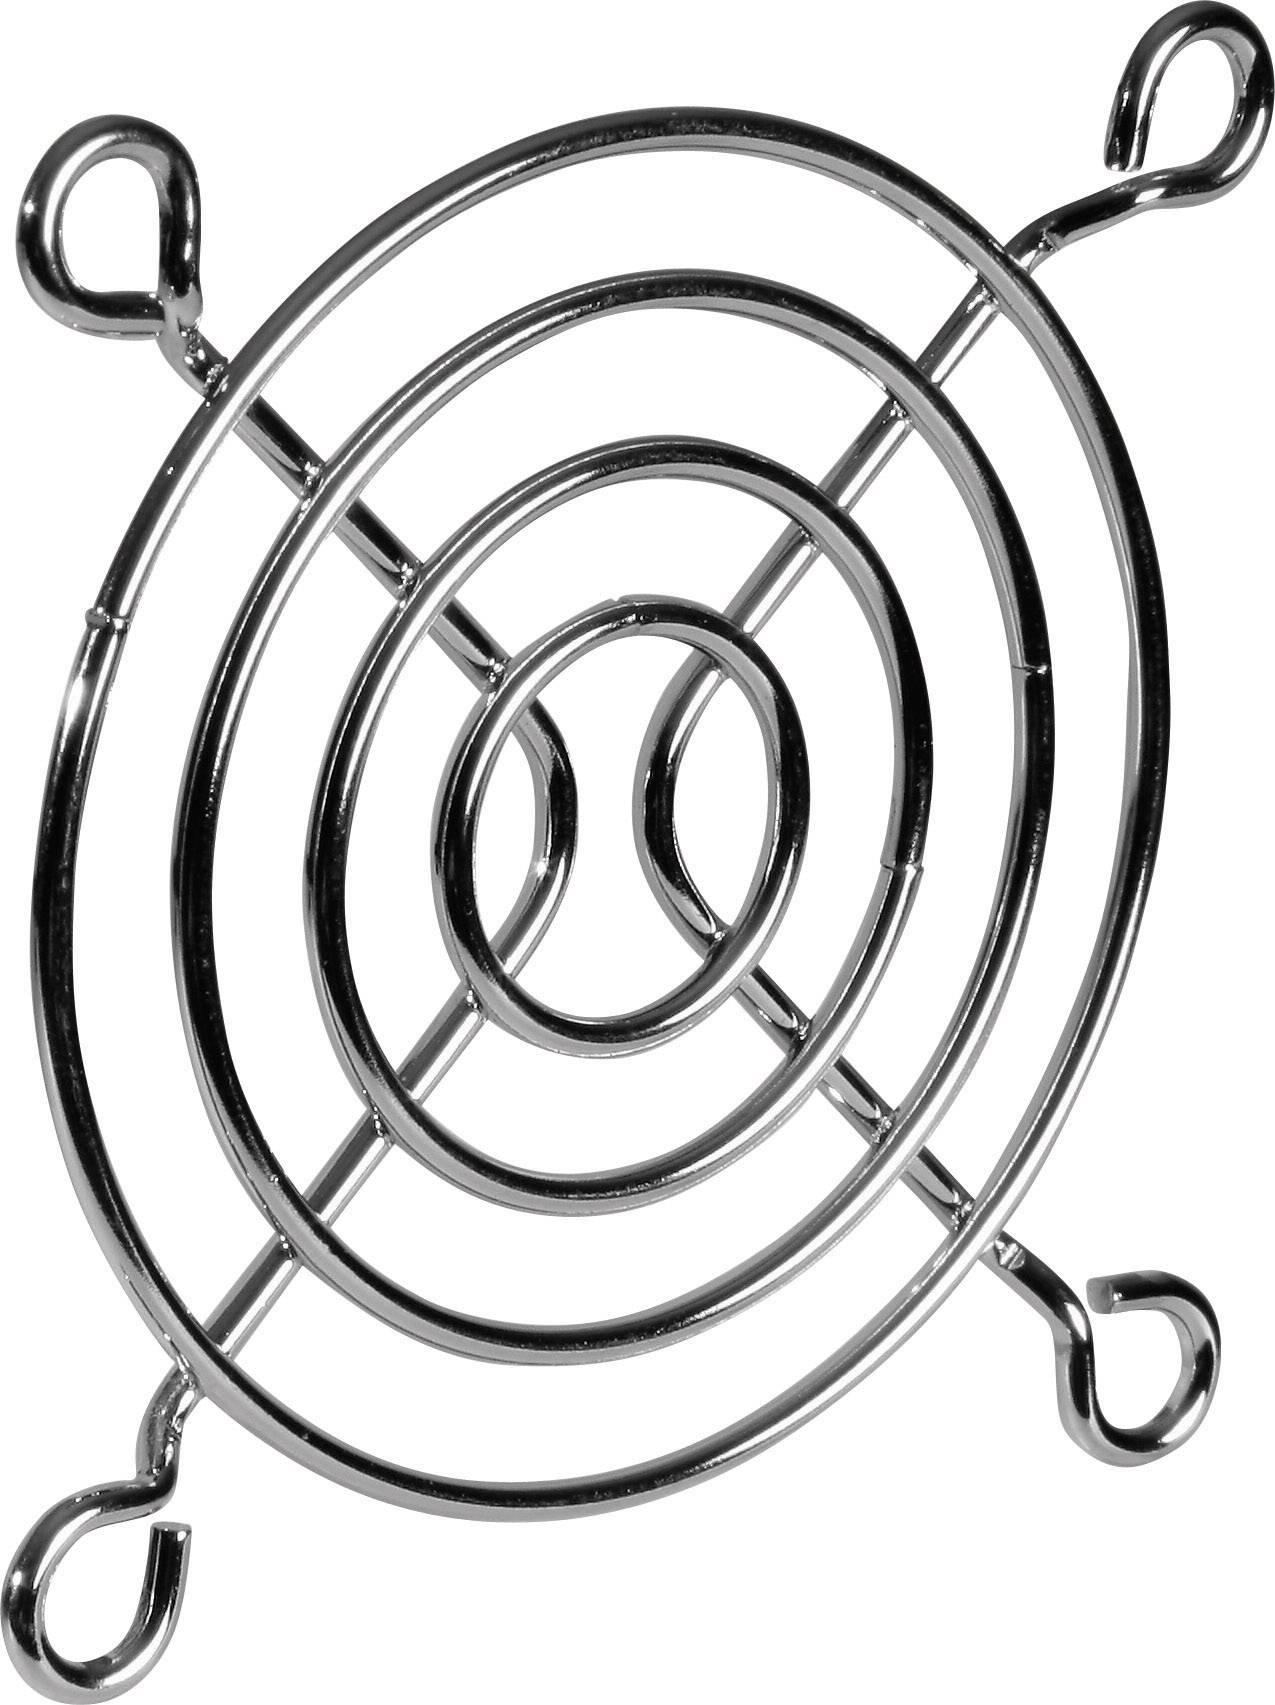 Vetracia mriežka SEPA;912510000, (š x v) 25 mm x 25 mm, 1 ks, oceľ, pochrómovaný